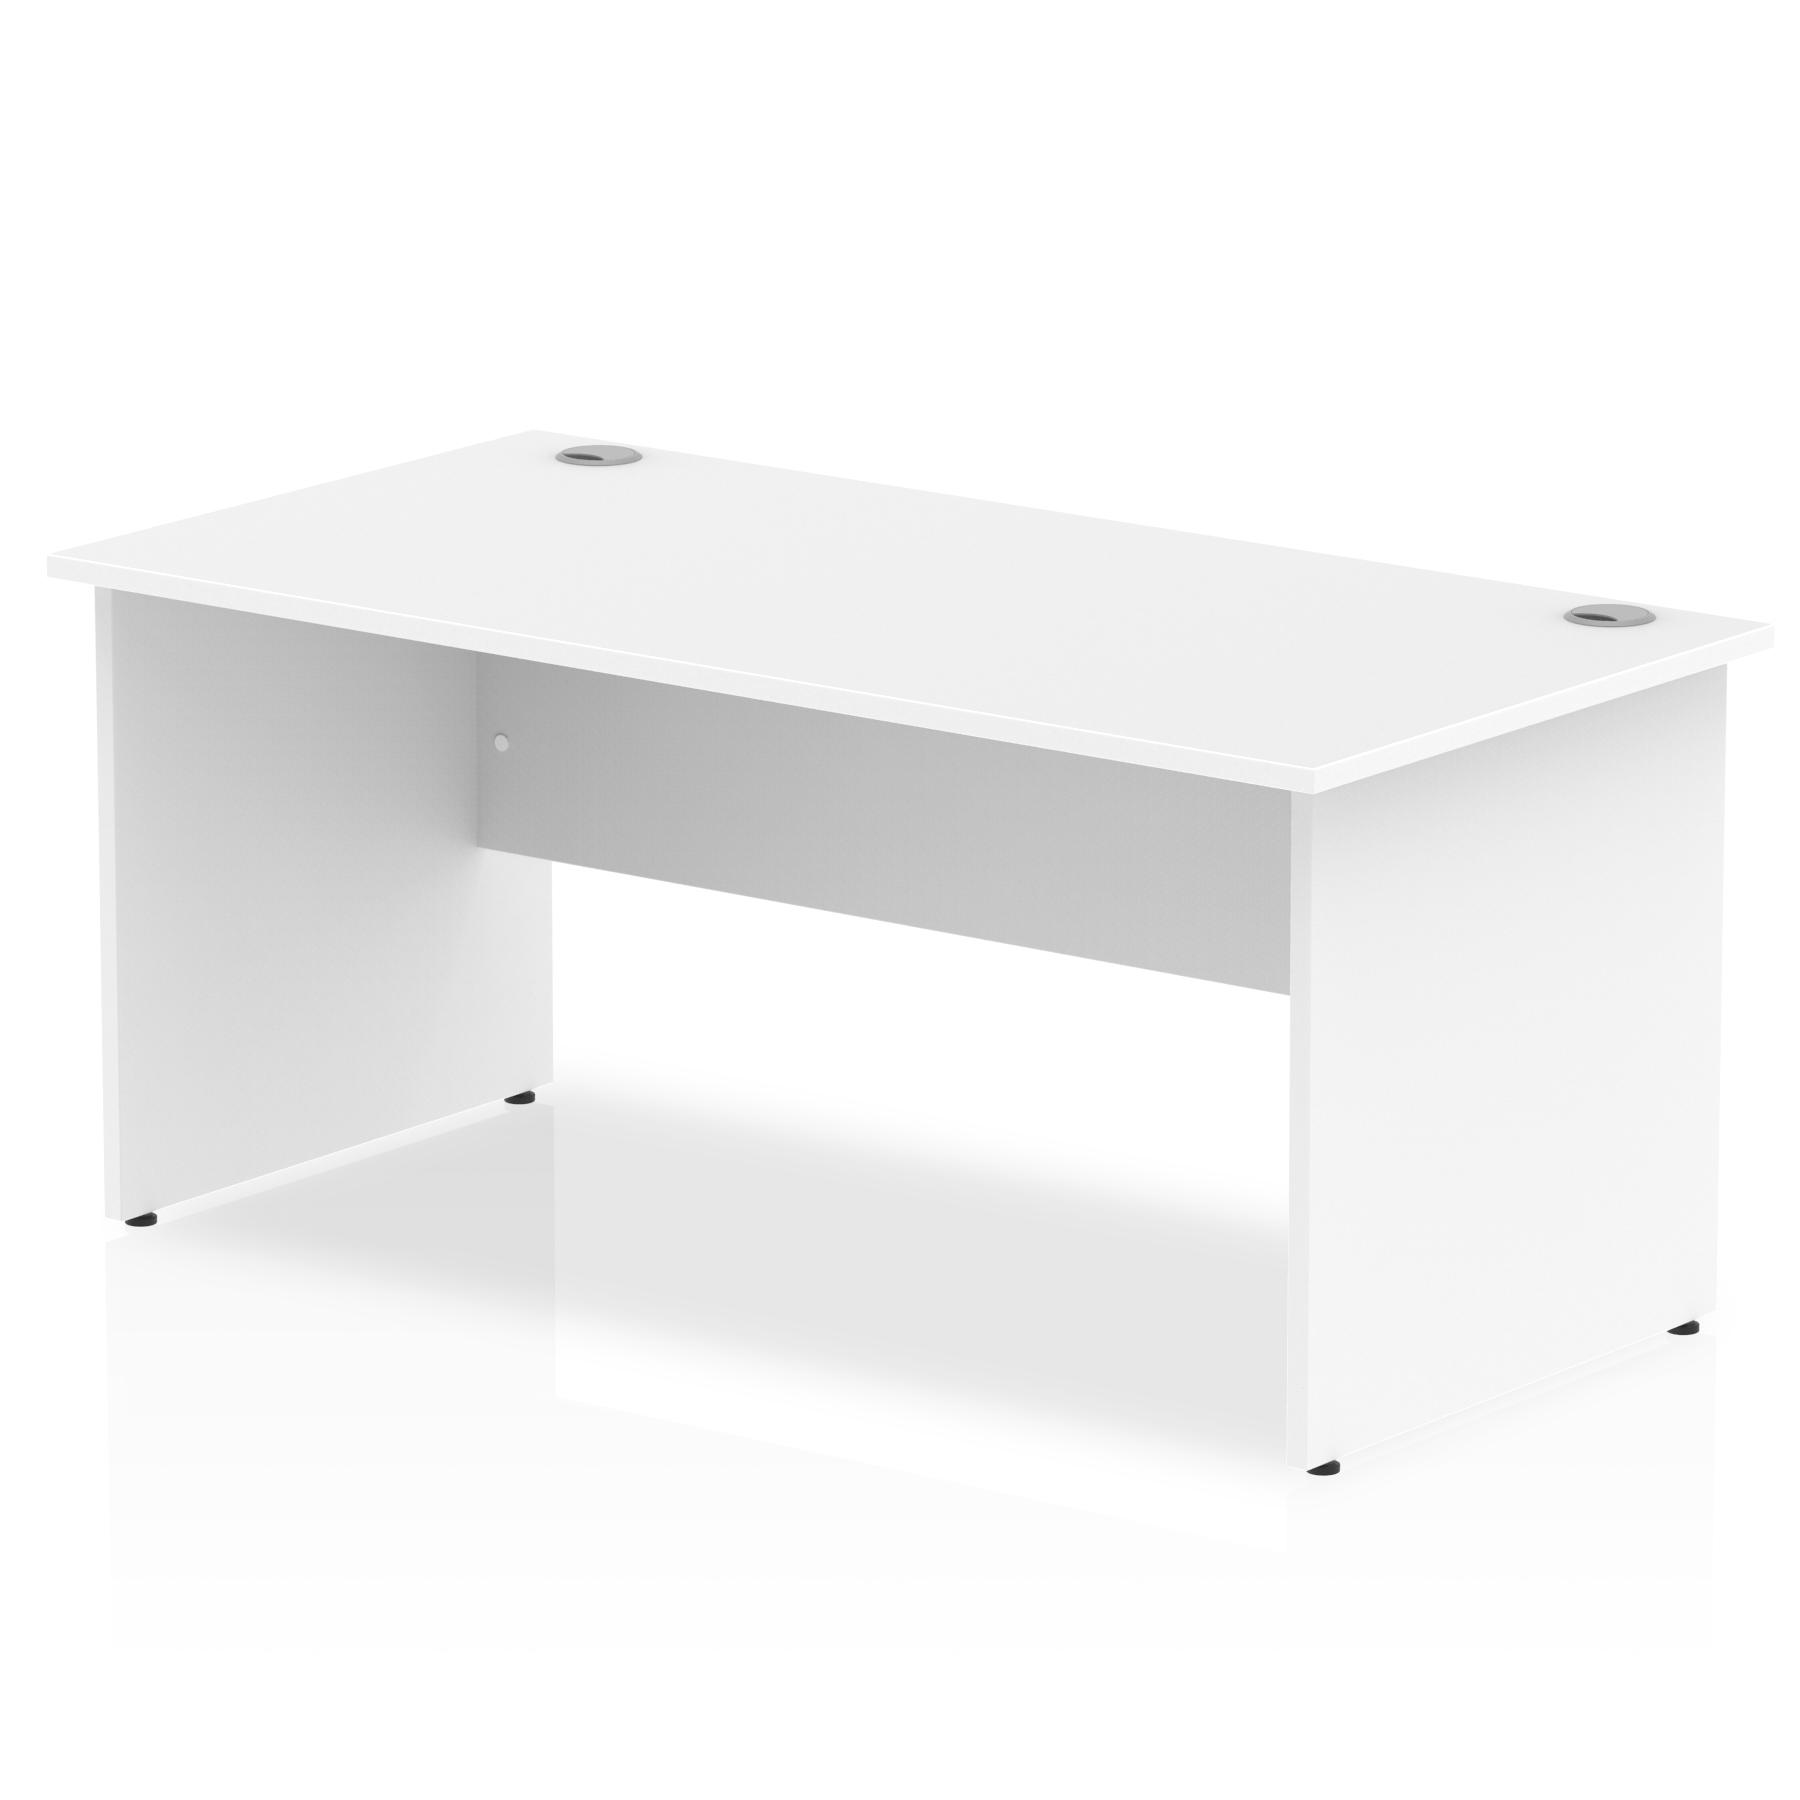 Rectangular Desks Impulse 1600 x 800mm Straight Desk White Top Panel End Leg I000395